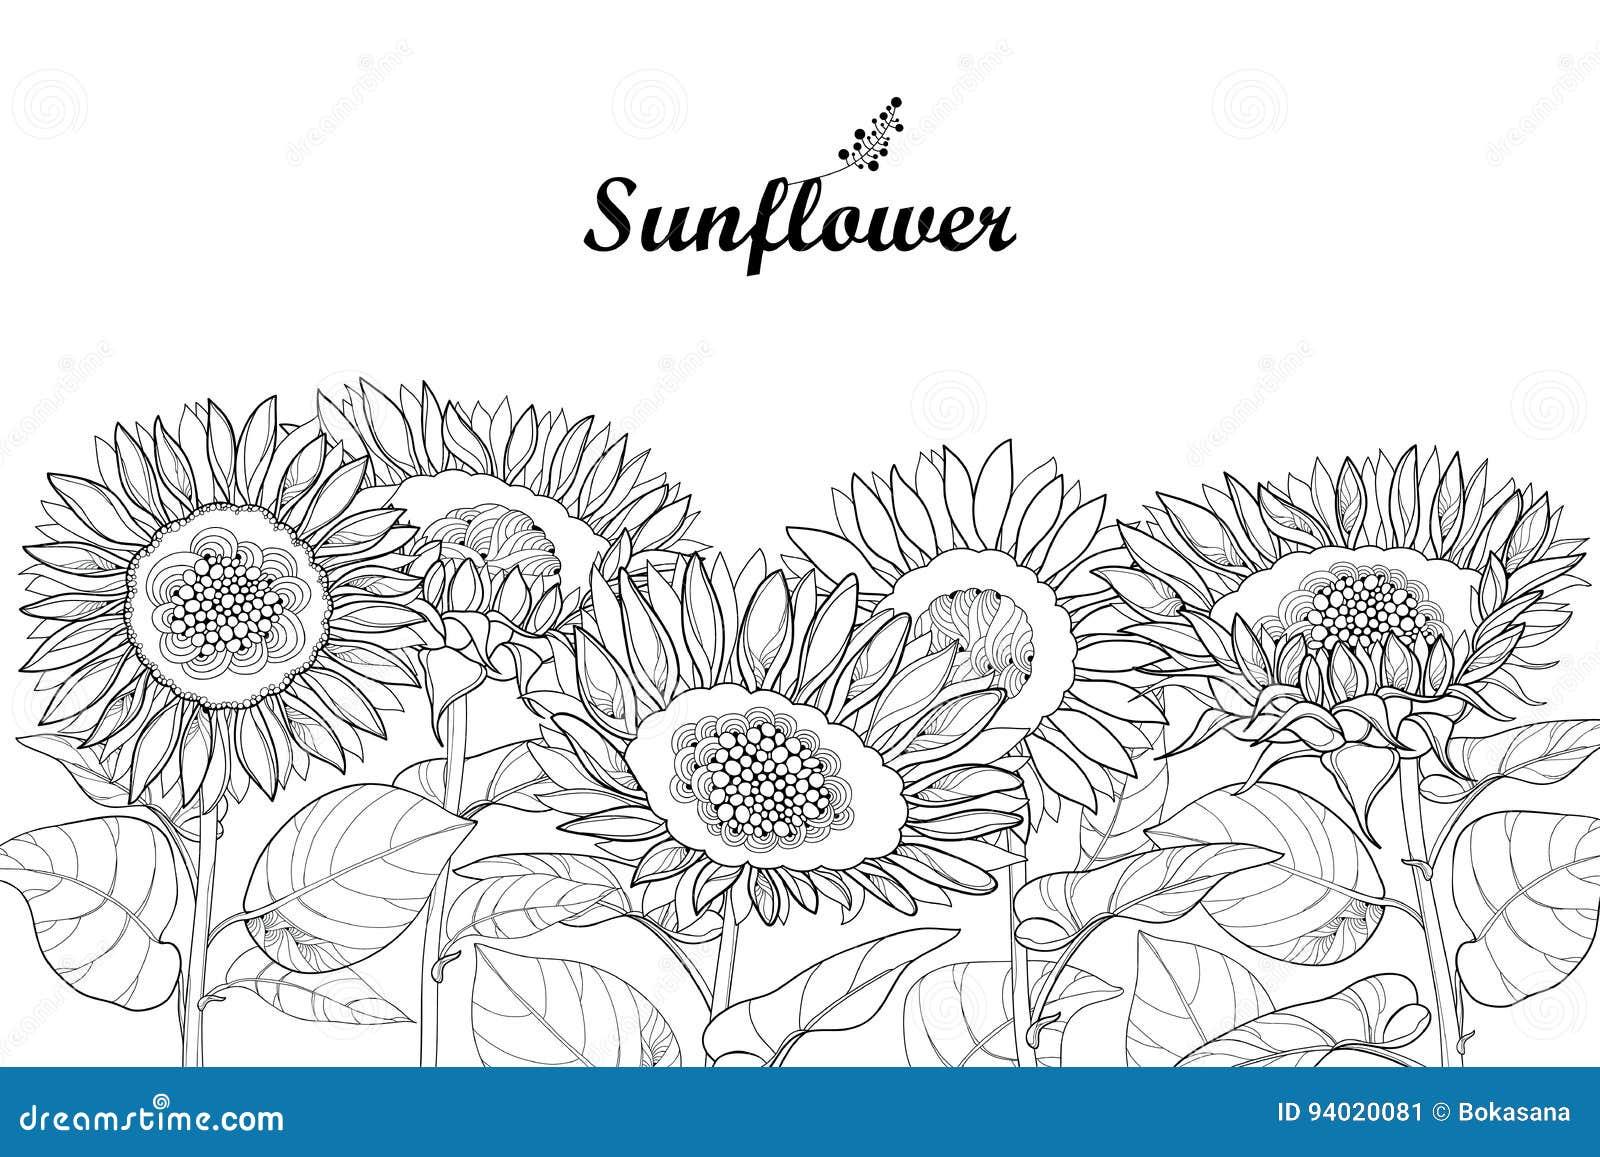 Sunflower Border Stock Illustrations – 1,174 Sunflower ...